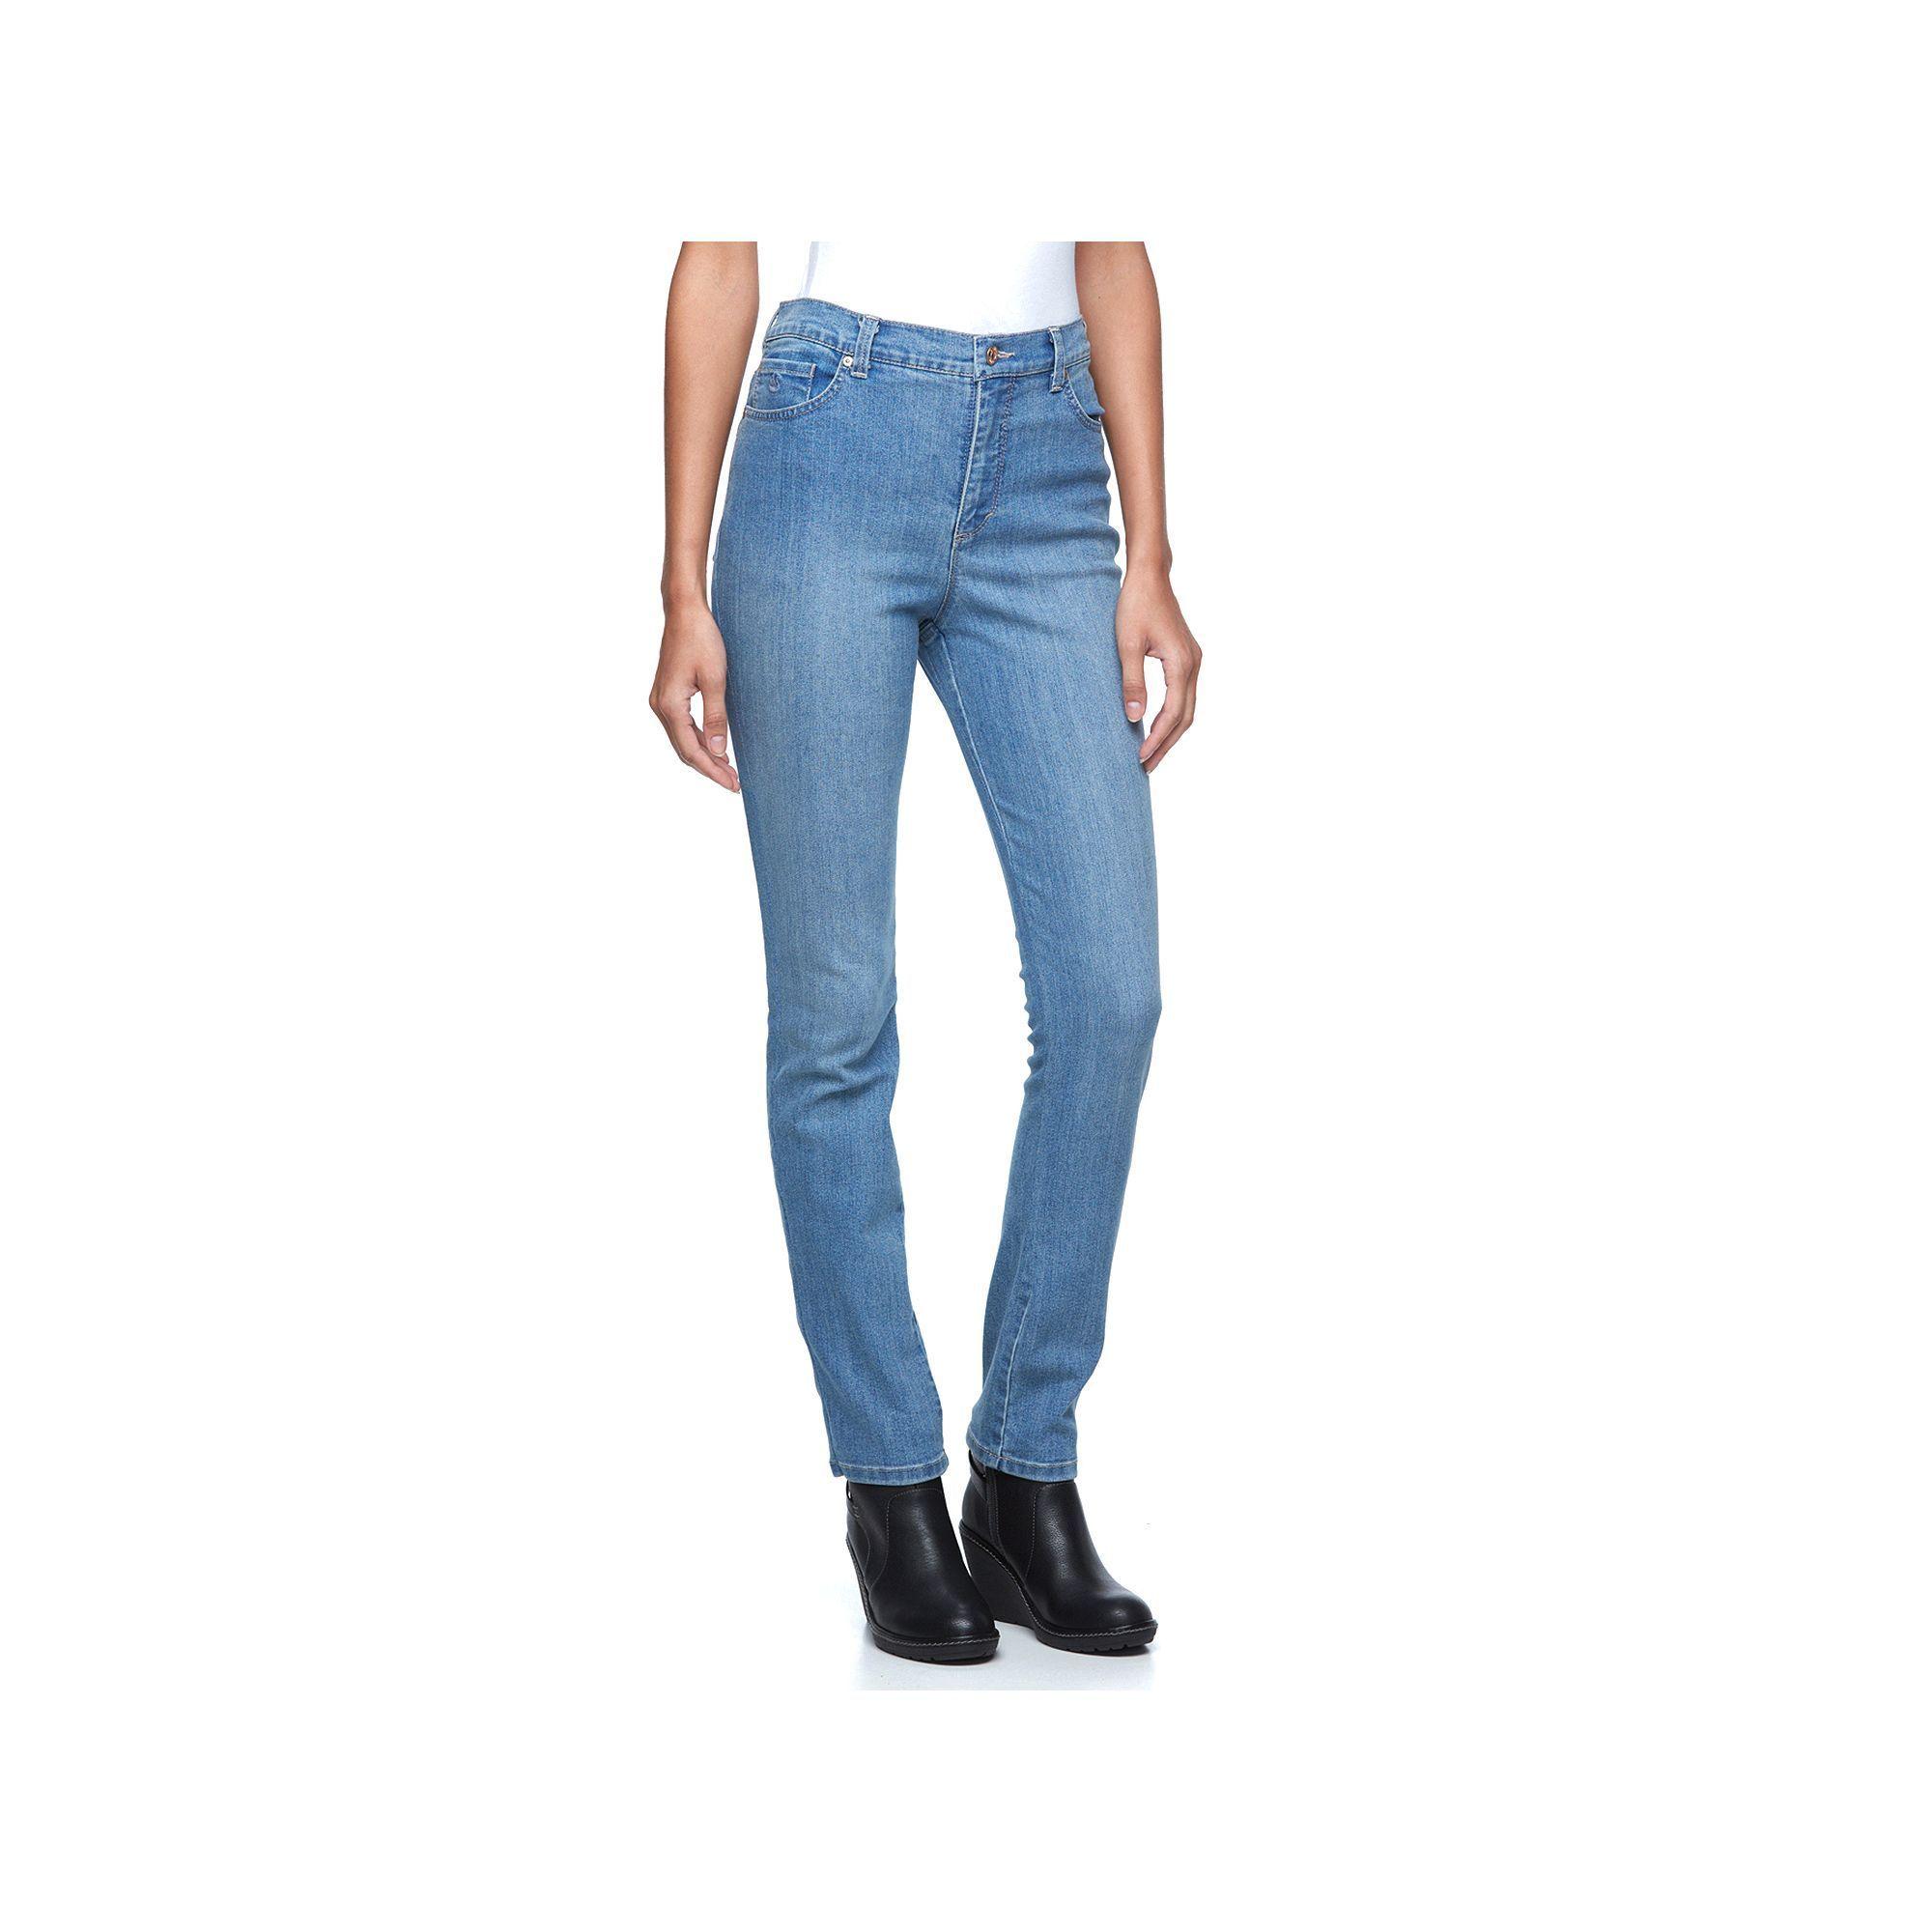 f0c08c0b307 Gloria Vanderbilt Women s Amanda Classic Tapered Jeans